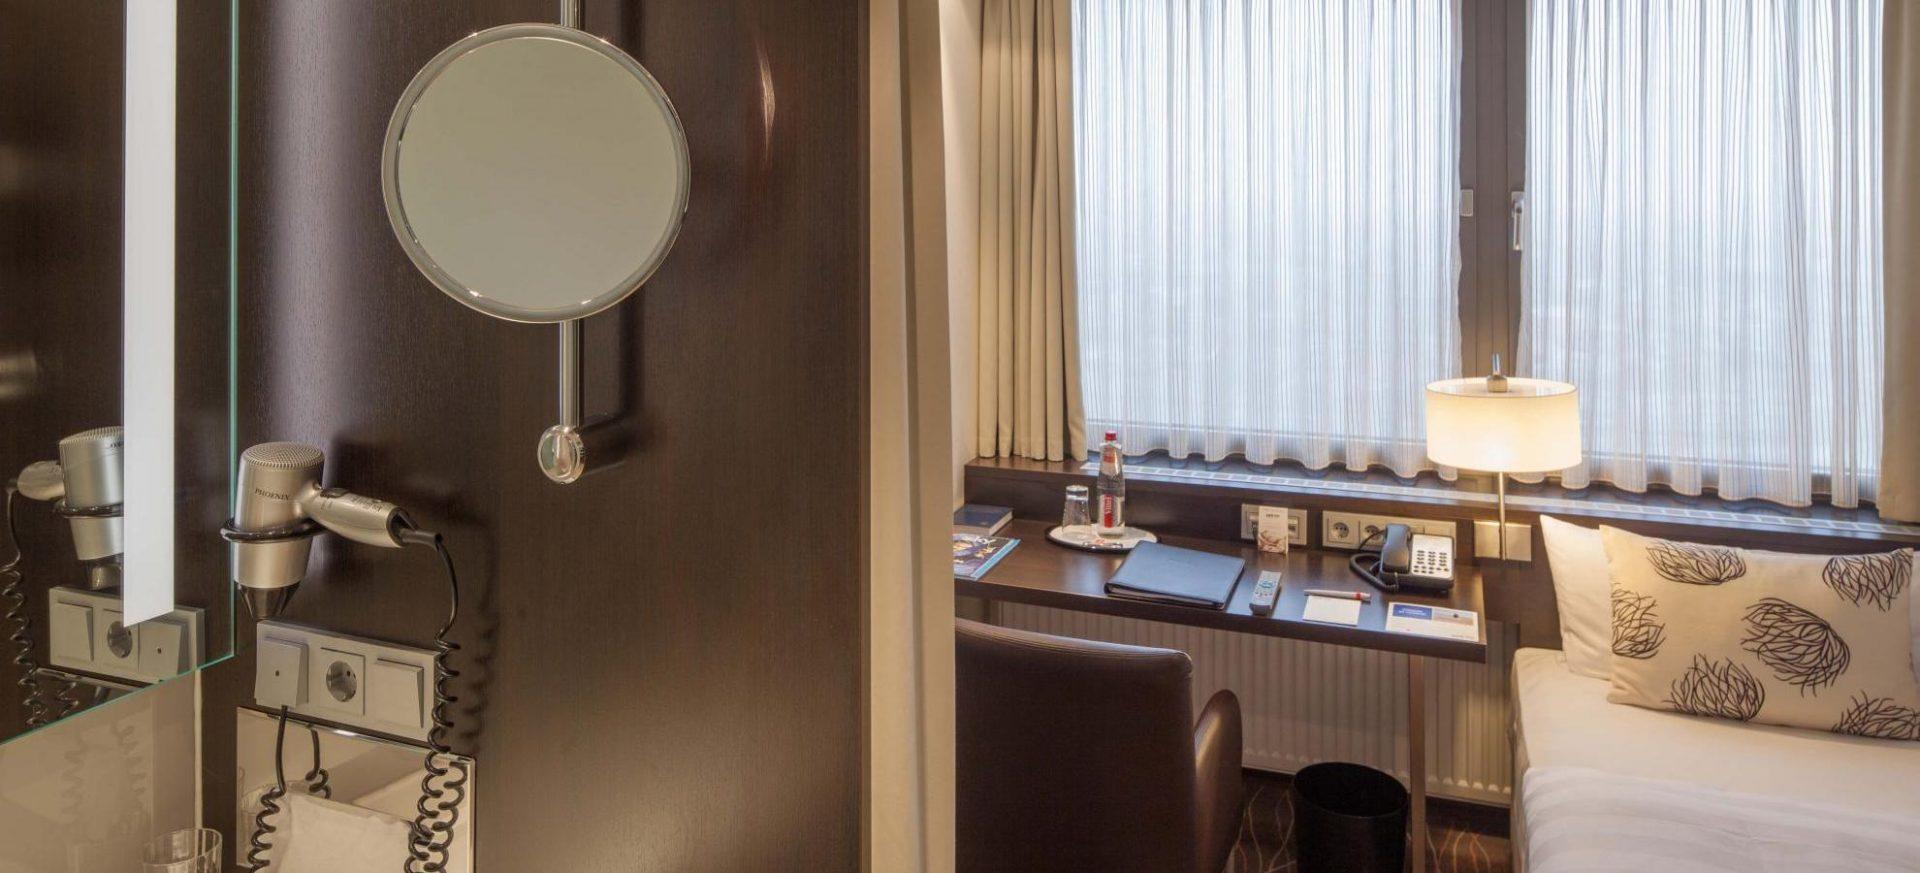 Park Inn by Radisson Berlin Alexanderplatz Kleines Einzelzimmer / Small Single Room